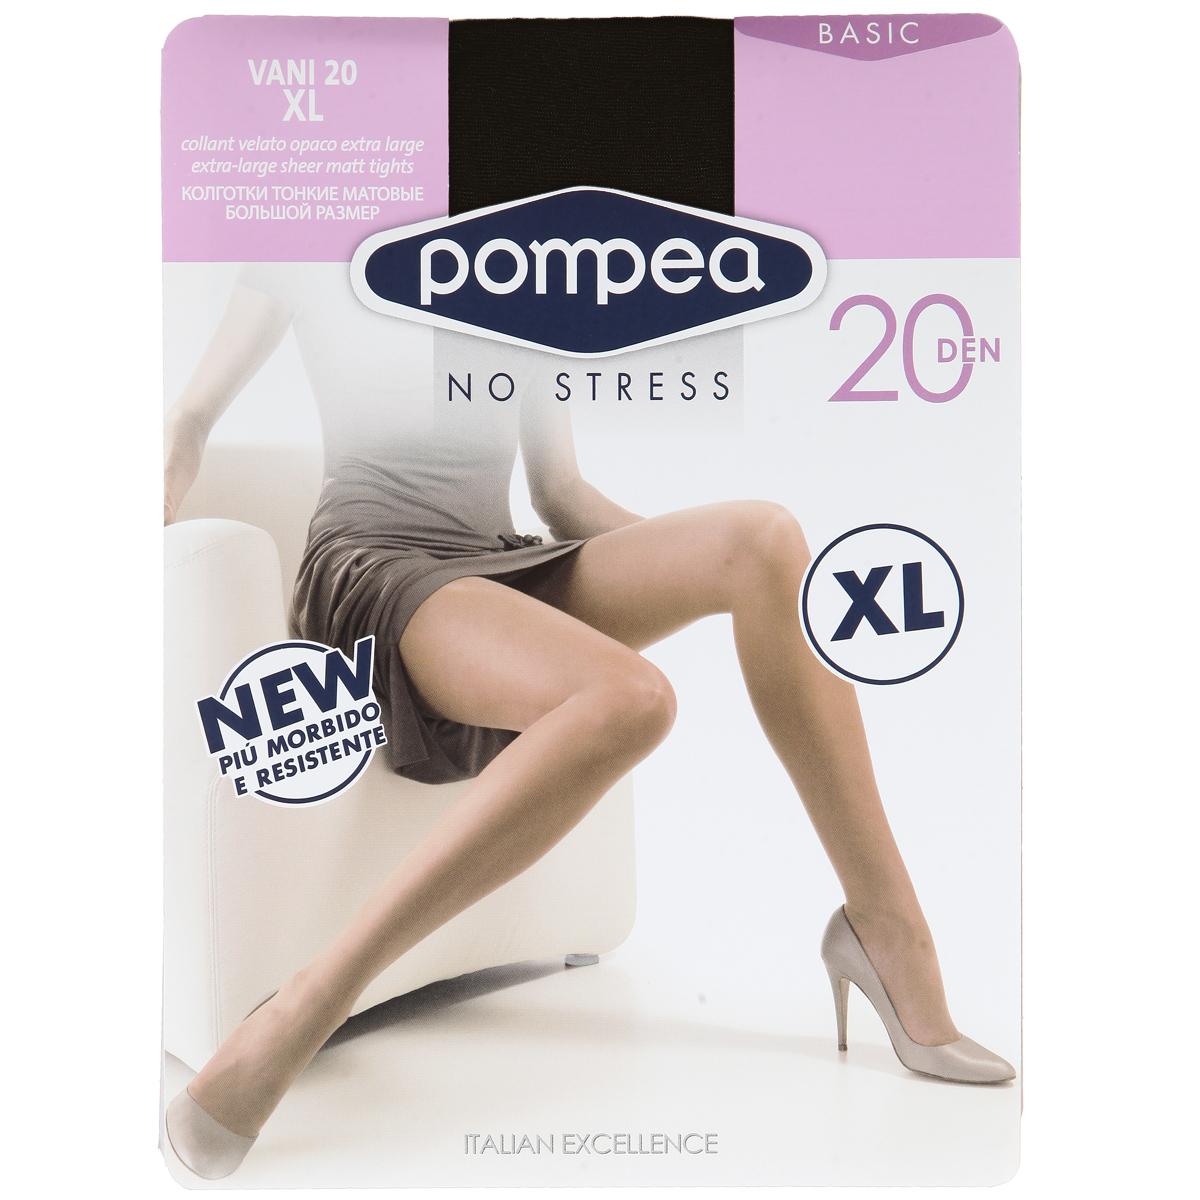 Колготки женские. Vani 20Vani 20Матовые эластичные колготки на каждый день Pompea Vani, с комфортной резинкой, шортиками, ластовицей и укрепленным мыском. Плотность: 20 den.